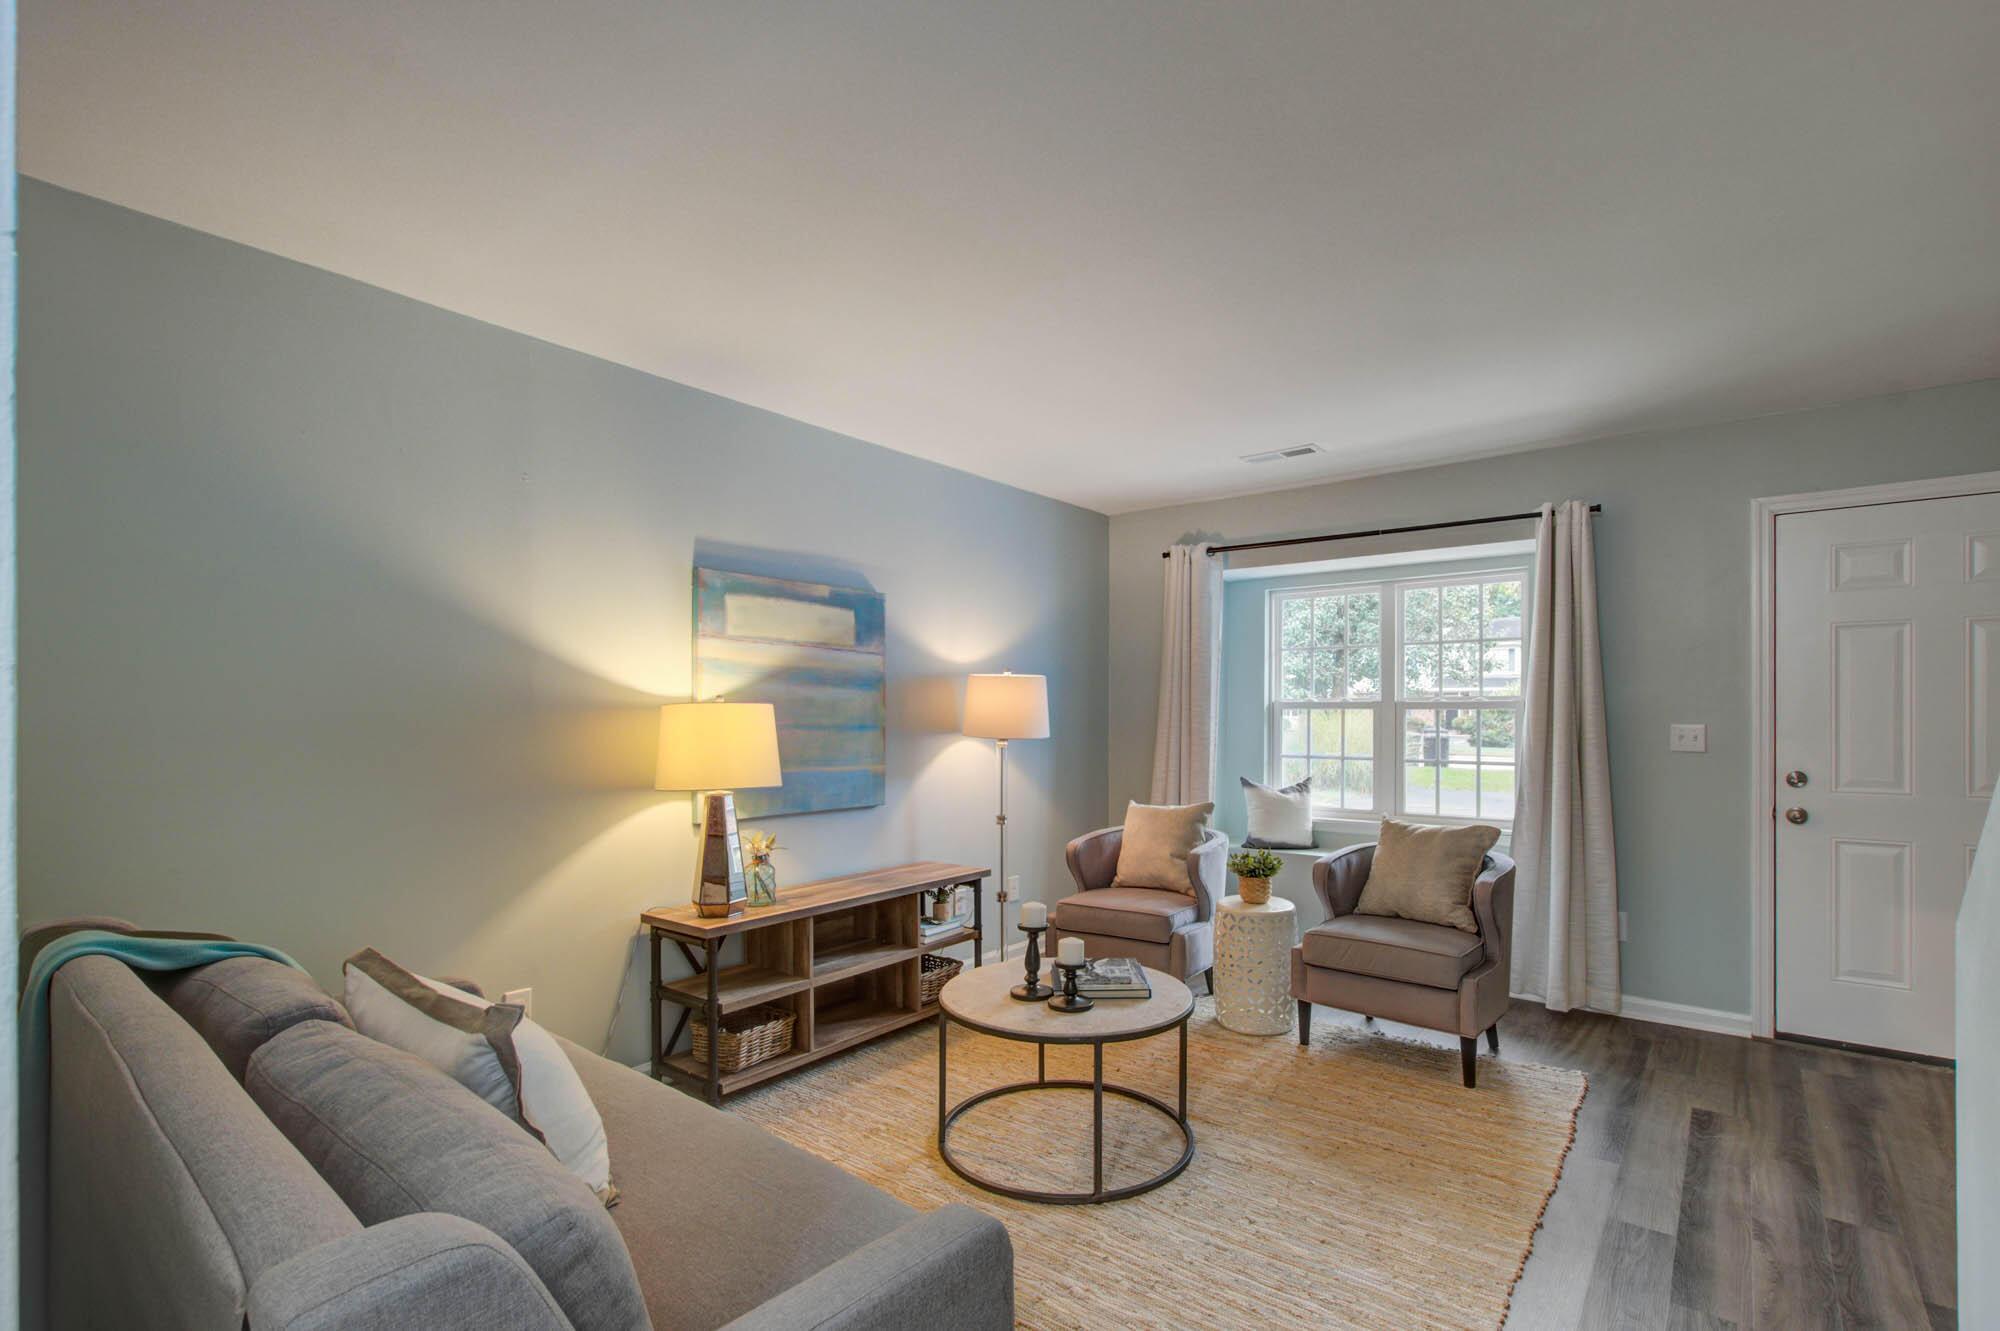 Wando East Homes For Sale - 1534 Nantahala, Mount Pleasant, SC - 14